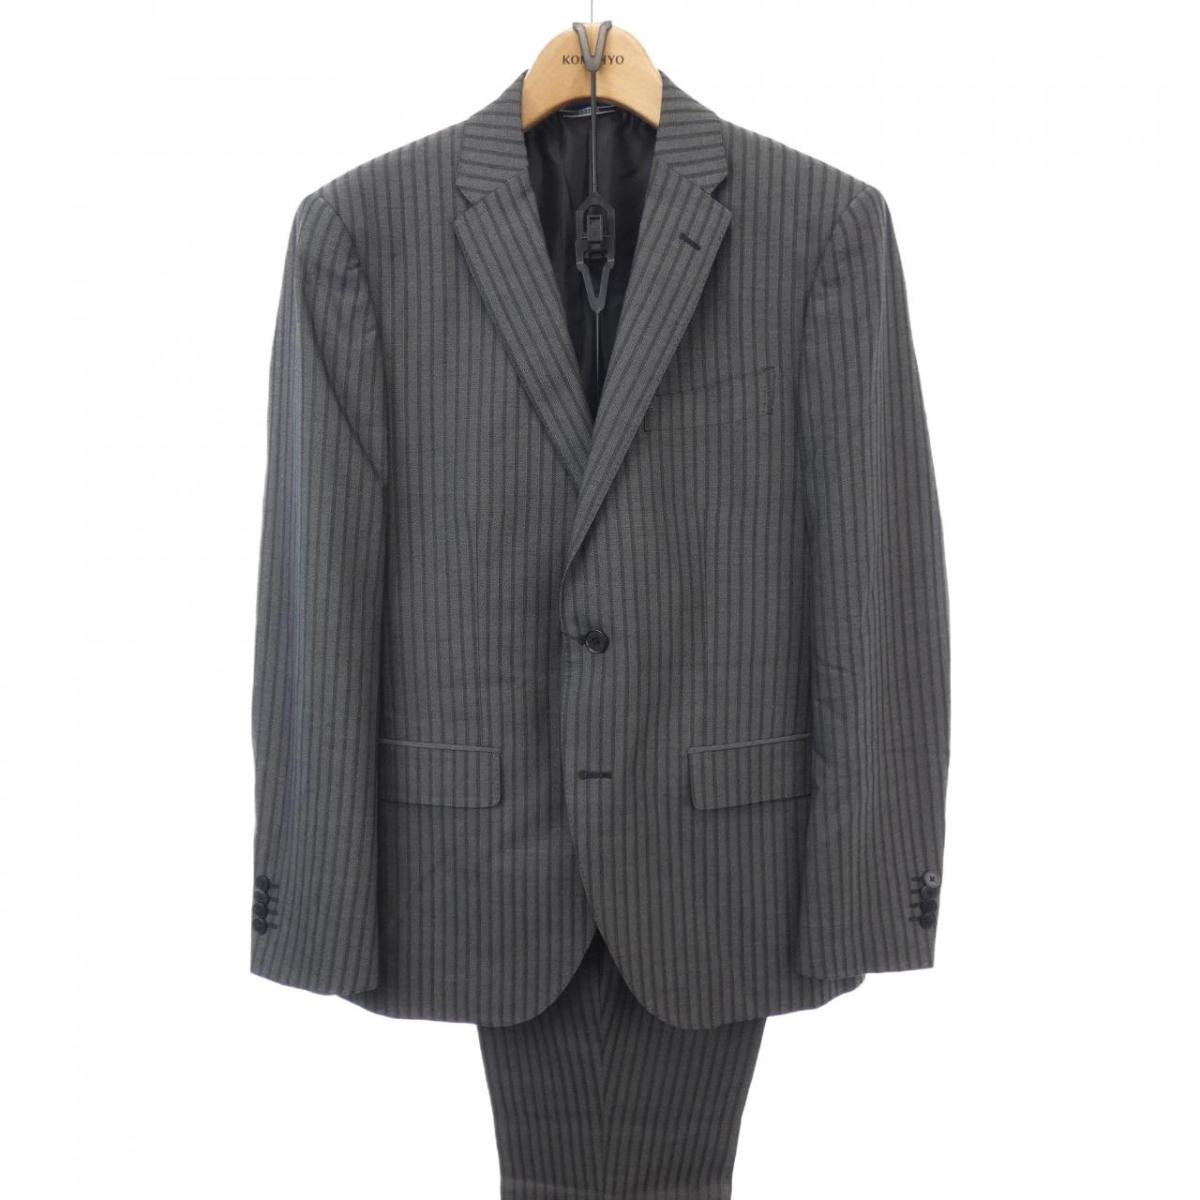 未使用品 ジョセフ 驚きの価格が実現 JOSEPH 春の新作シューズ満載 中古 スーツ